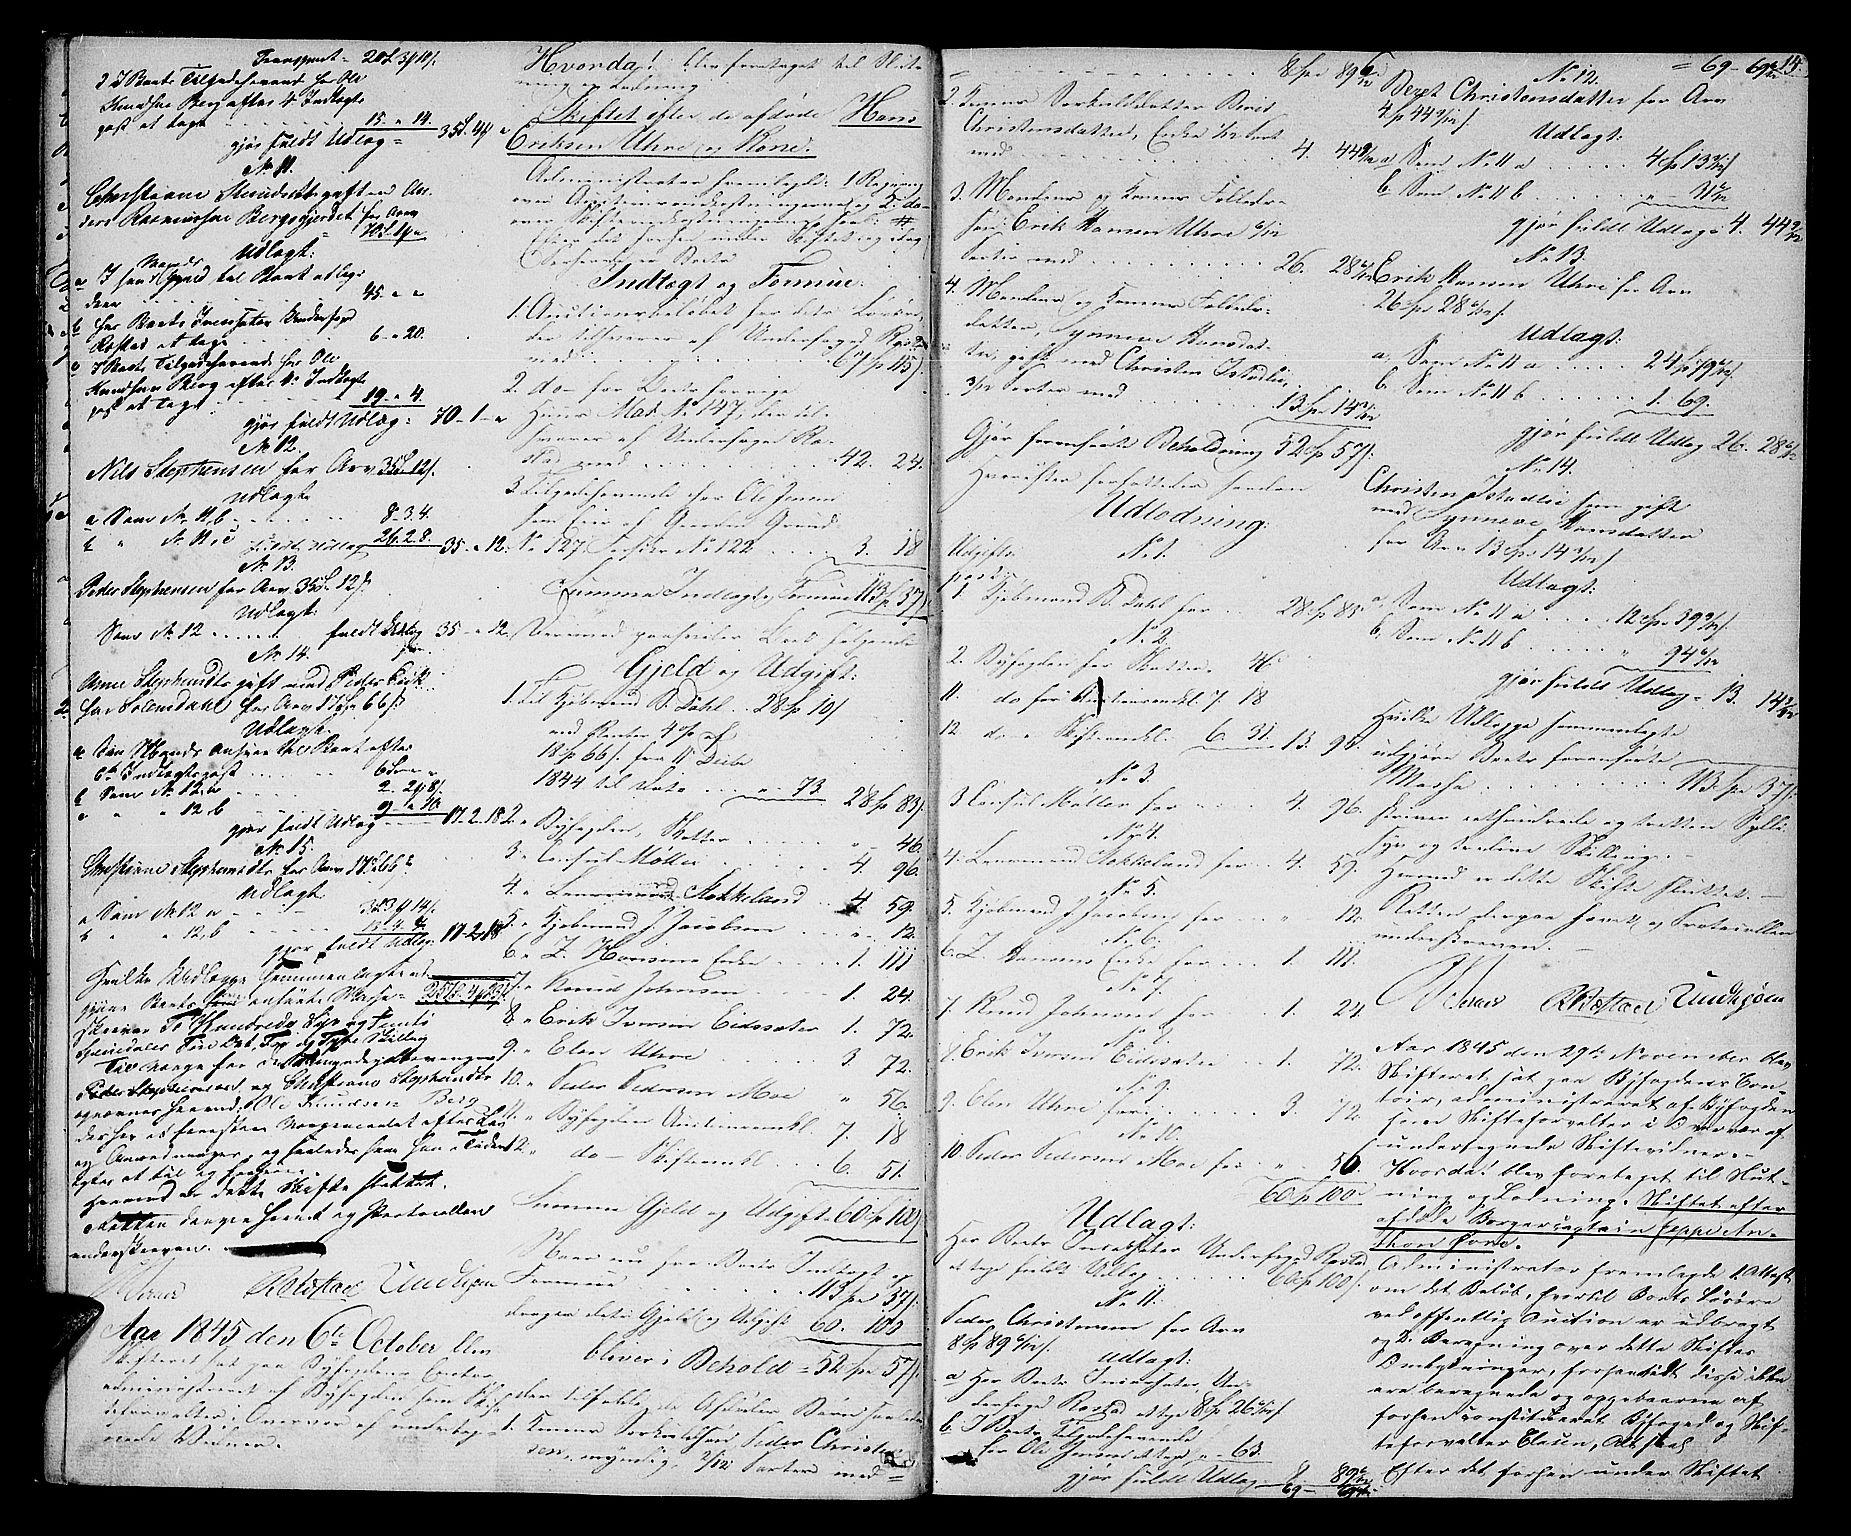 SAT, Molde byfogd, 3Ab/L0001: Skifteutlodningsprotokoll, 1842-1867, s. 14